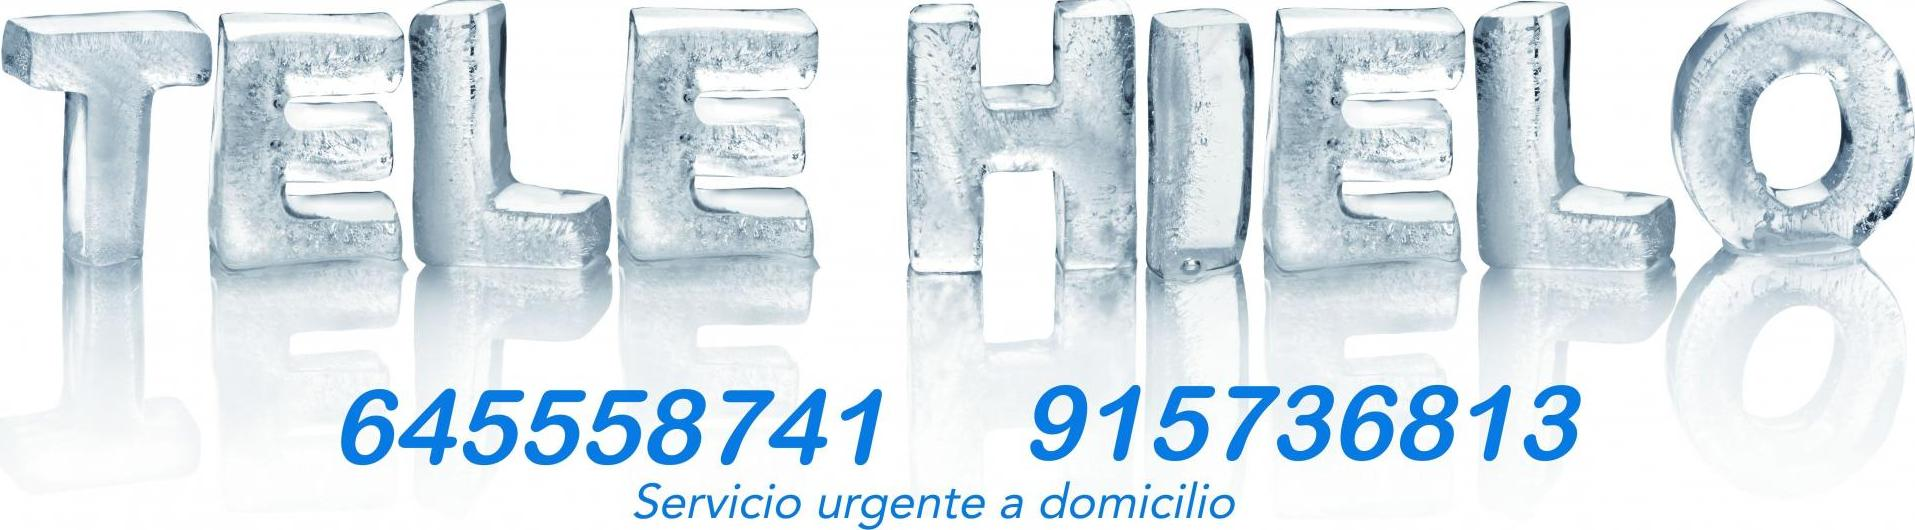 Tele Hielo ⚡ 91 5736813 o 645558741